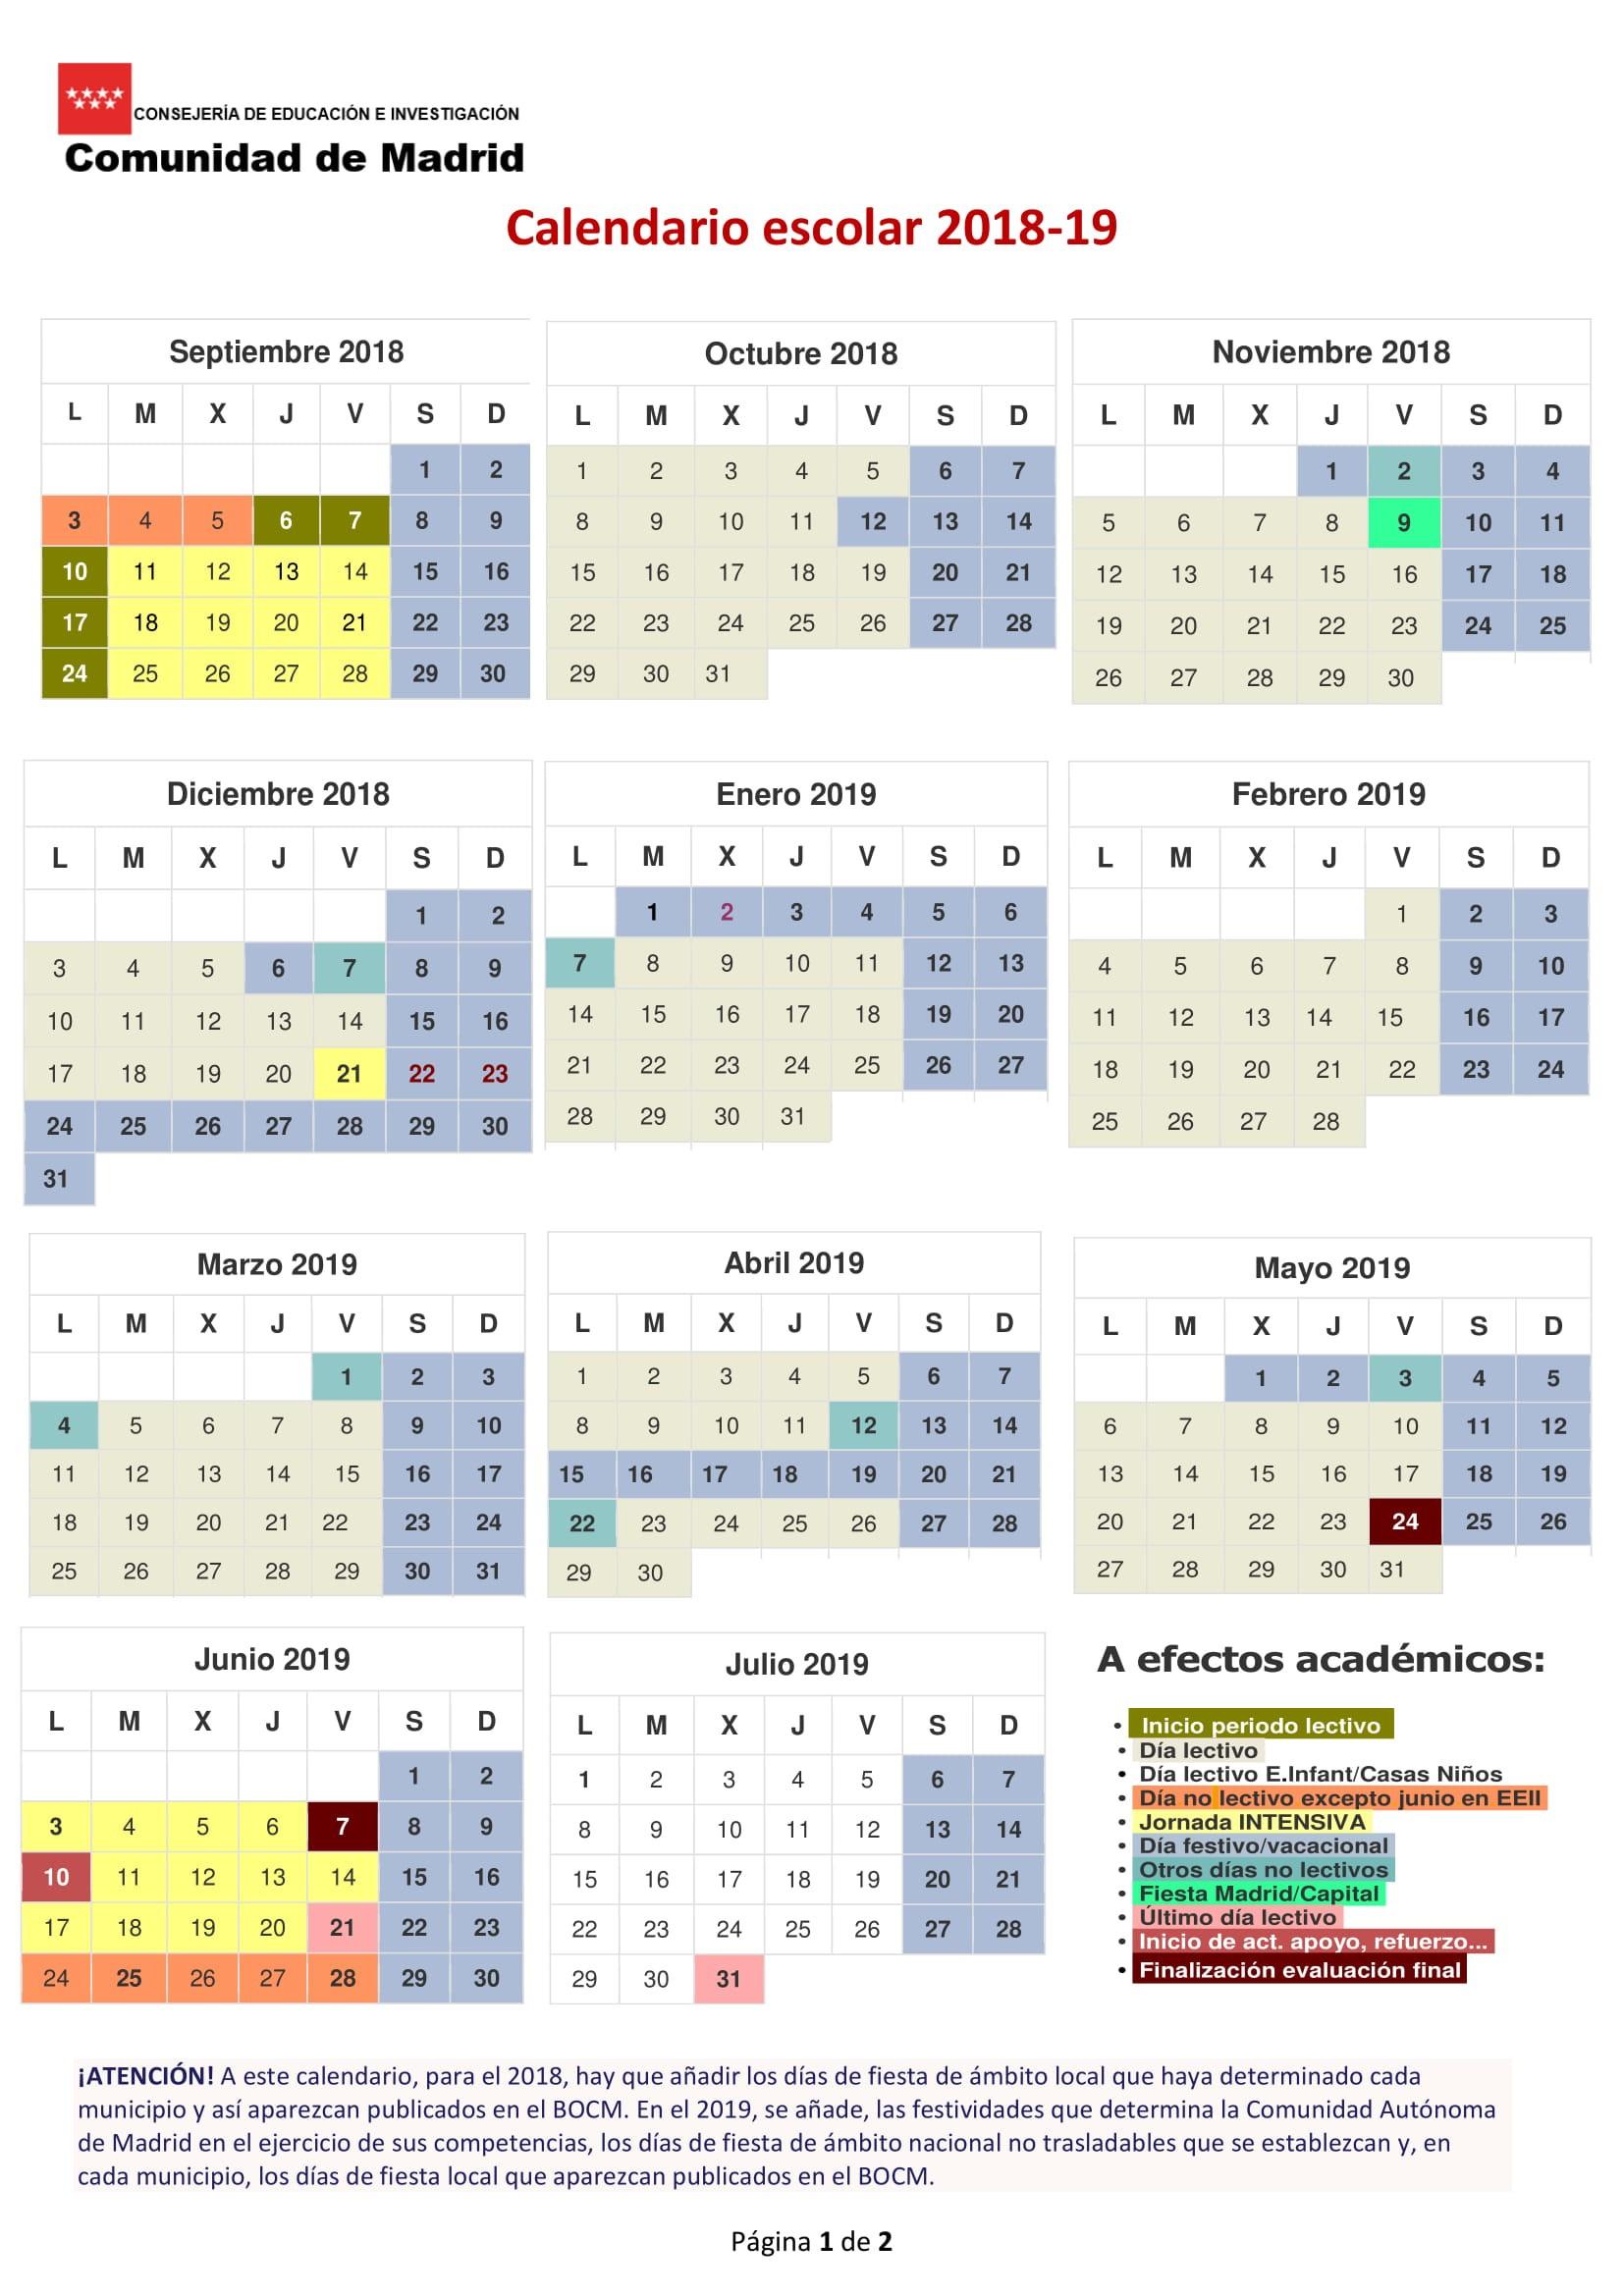 Calendario Laboral 2019 Semana Santa Recientes Calendario Escolar 2018 2019 En Madrid Vacaciones Y Das Festivos Of Calendario Laboral 2019 Semana Santa Más Recientes Calendario Escolar